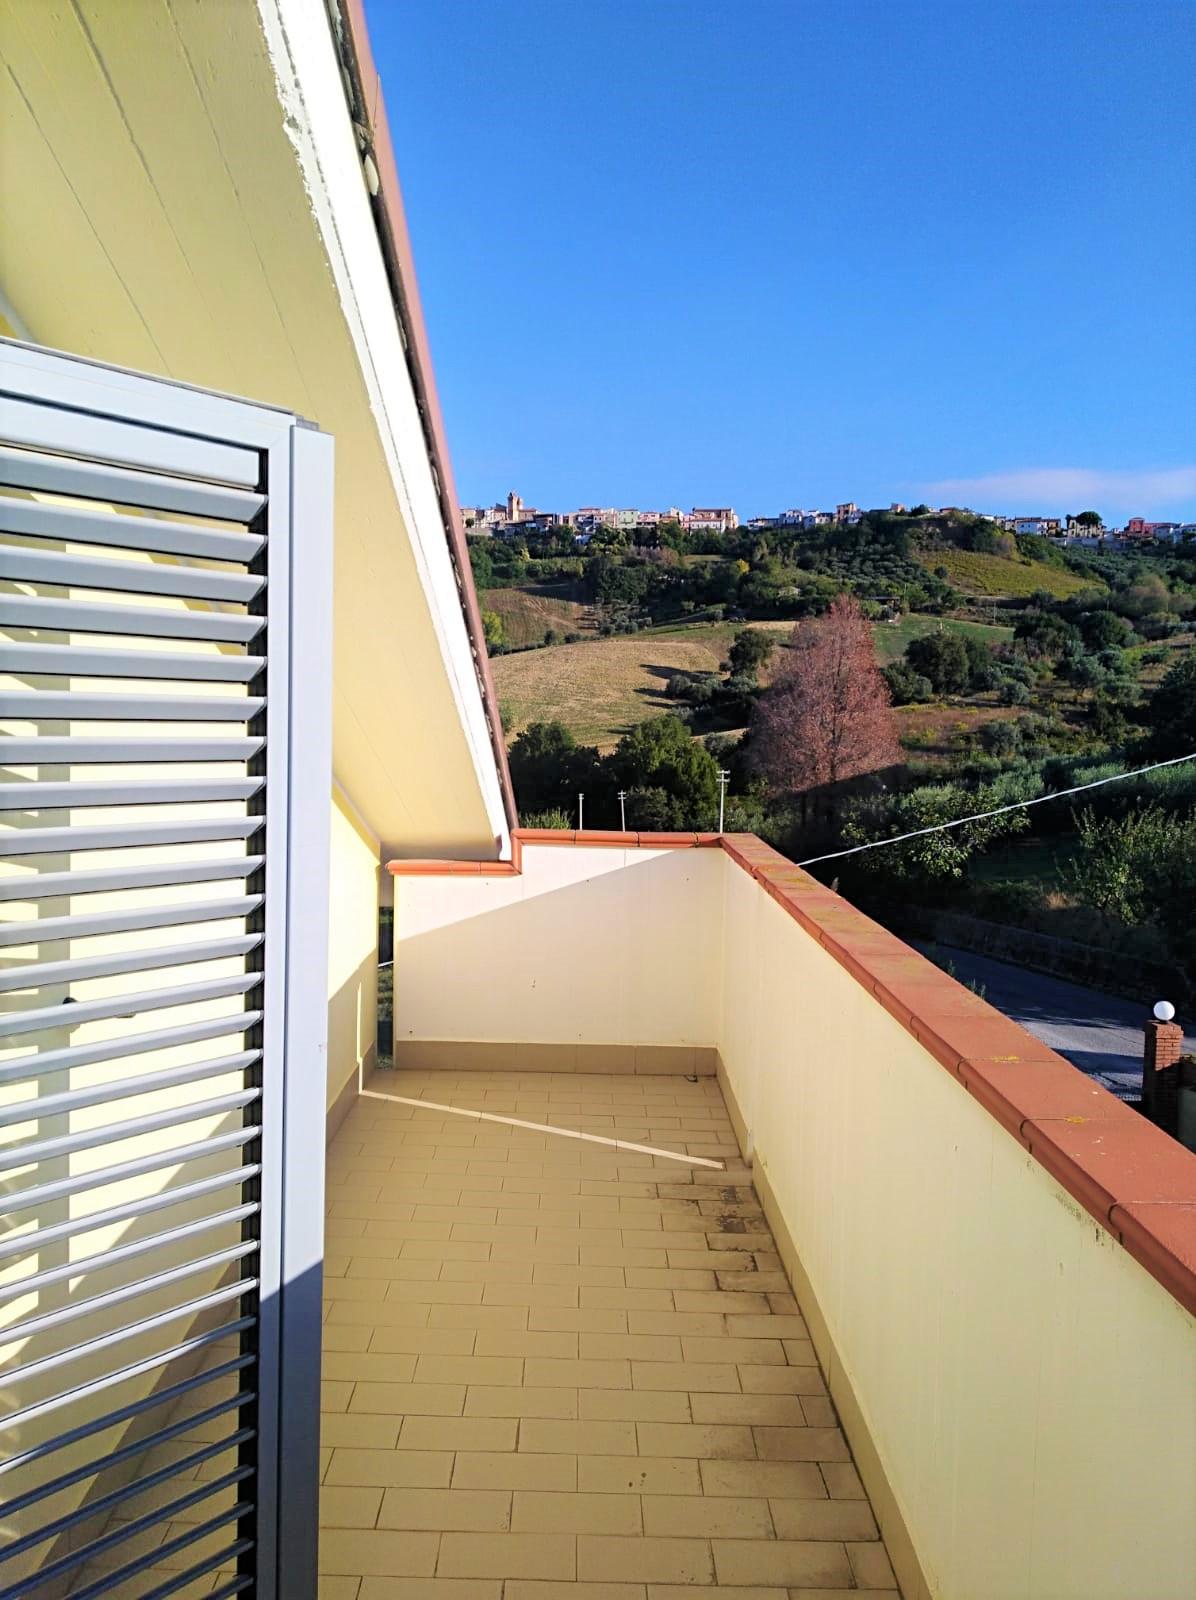 Attico / Mansarda in vendita a Tortoreto, 4 locali, zona Località: PAESE, prezzo € 45.000   PortaleAgenzieImmobiliari.it